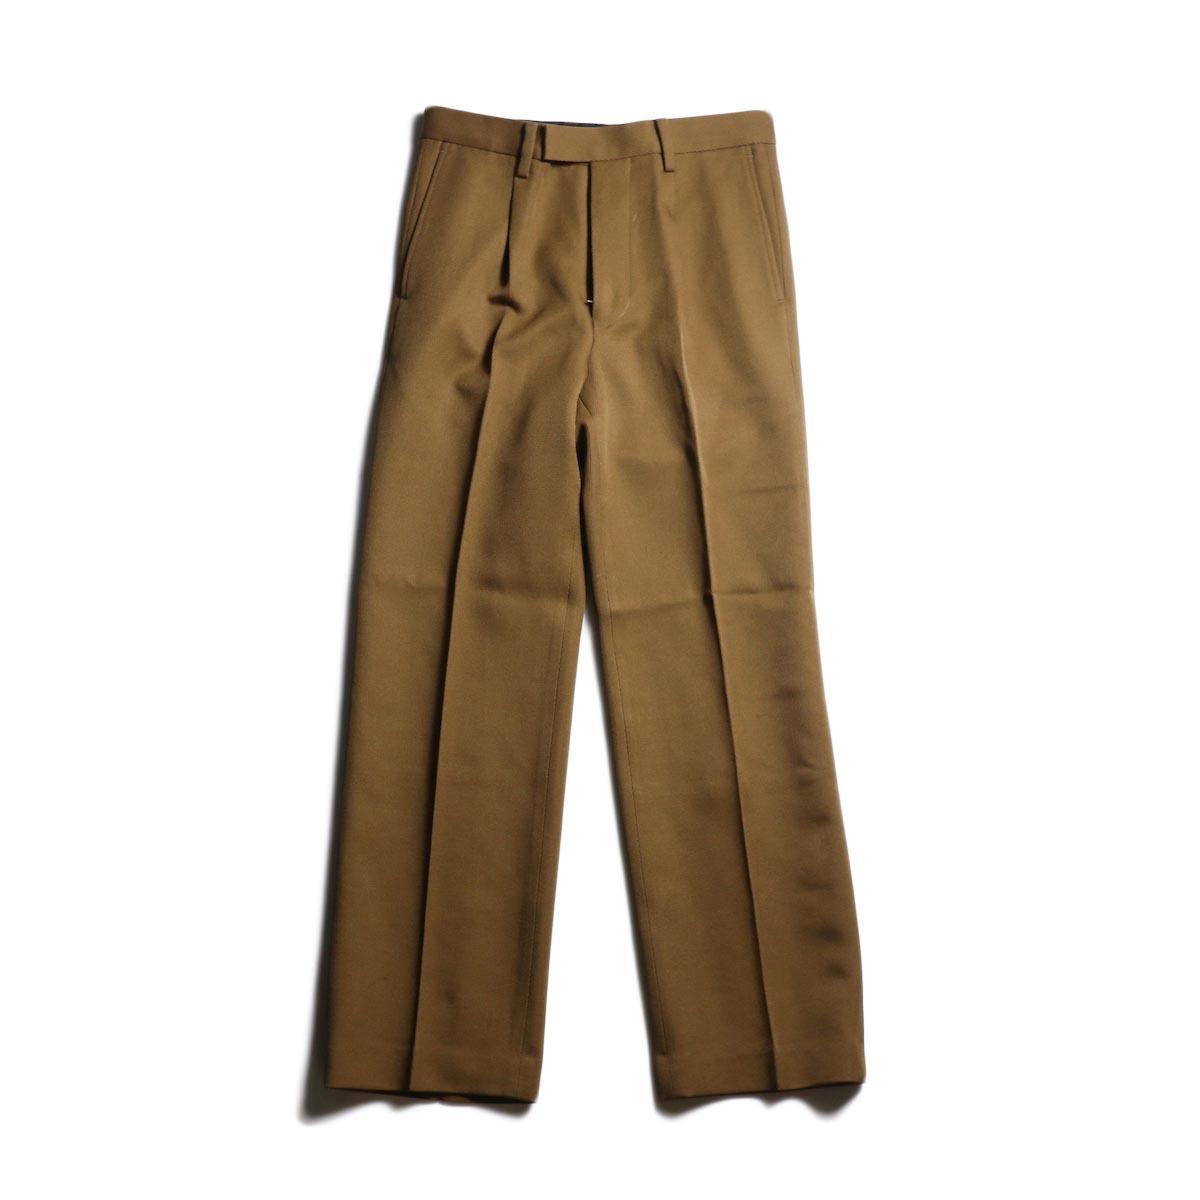 UNUSED / UW0799 Wool Slacks (Brown)